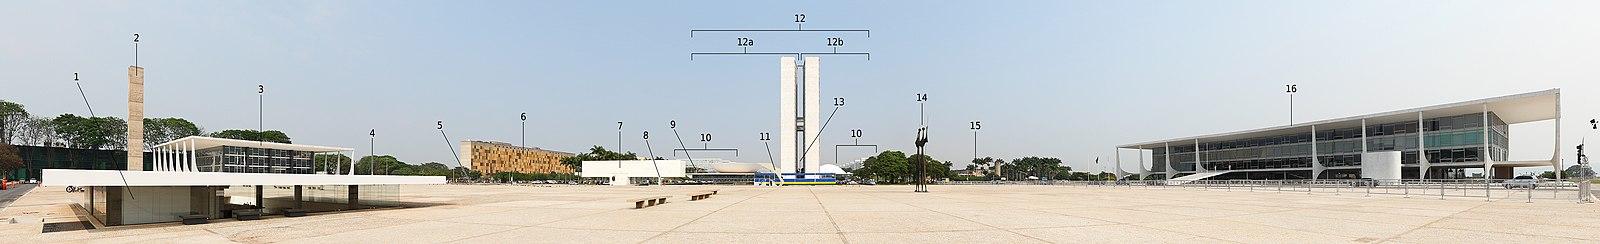 Vista panorâmica da Praça dos Três Poderes: a esquerda (sul) o poder judiciário (Supremo Tribunal Federal - nº3), no centro o poder legislativo (Congresso Nacional - nº12) e a direita a sede do poder executivo (Palácio do Planalto - nº16).